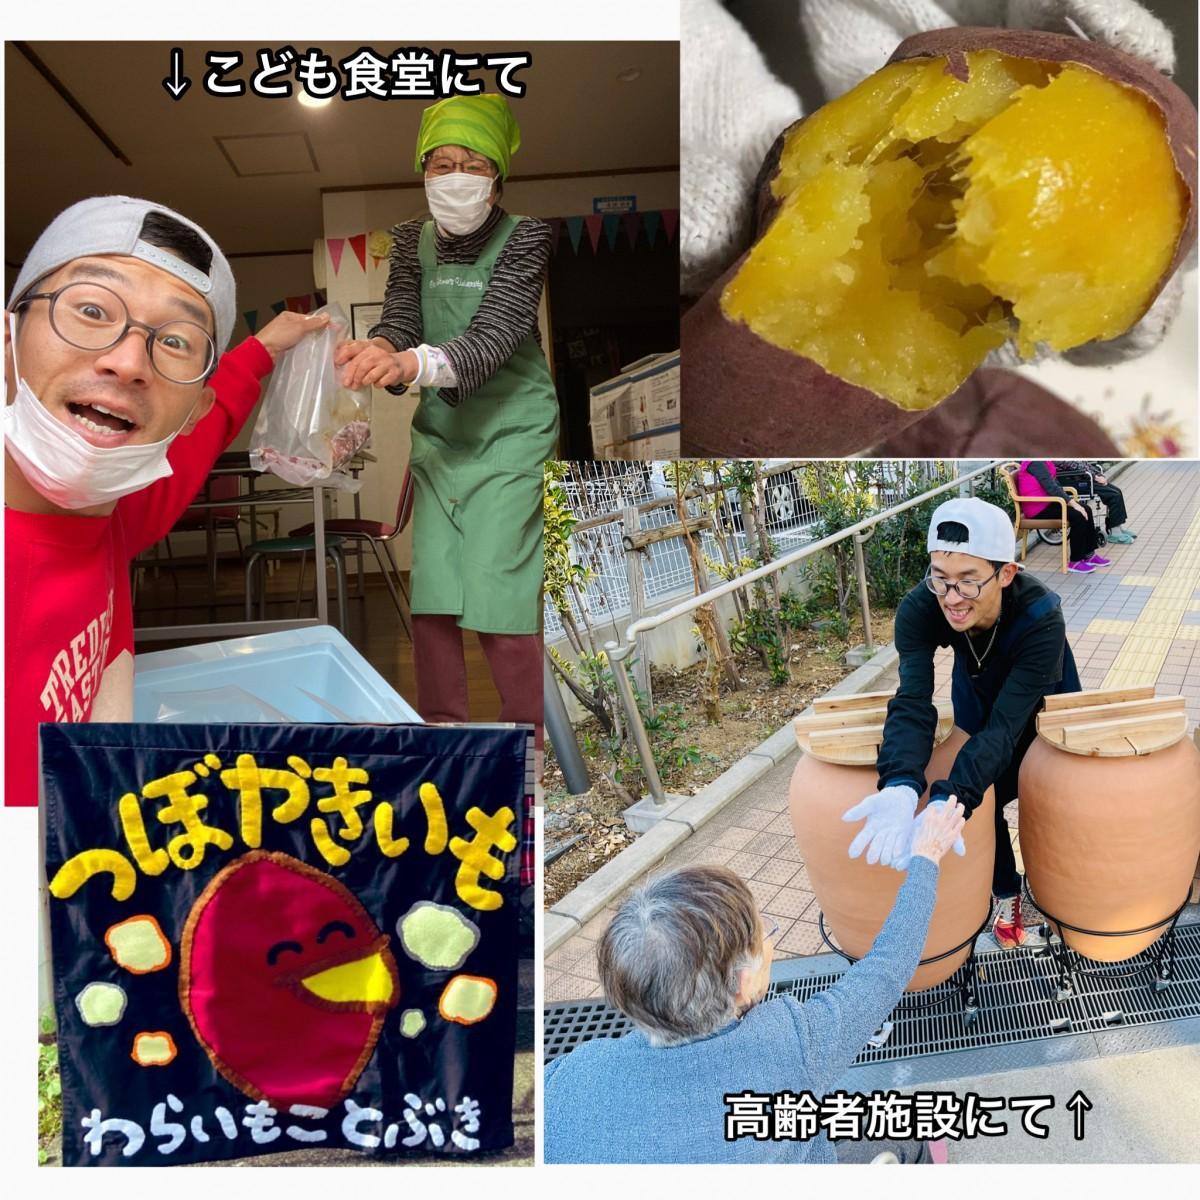 人と人との出会いを大切に、美味しい焼き芋を届けるお笑い芸人スミちゃんの「つぼ焼き芋」専門店